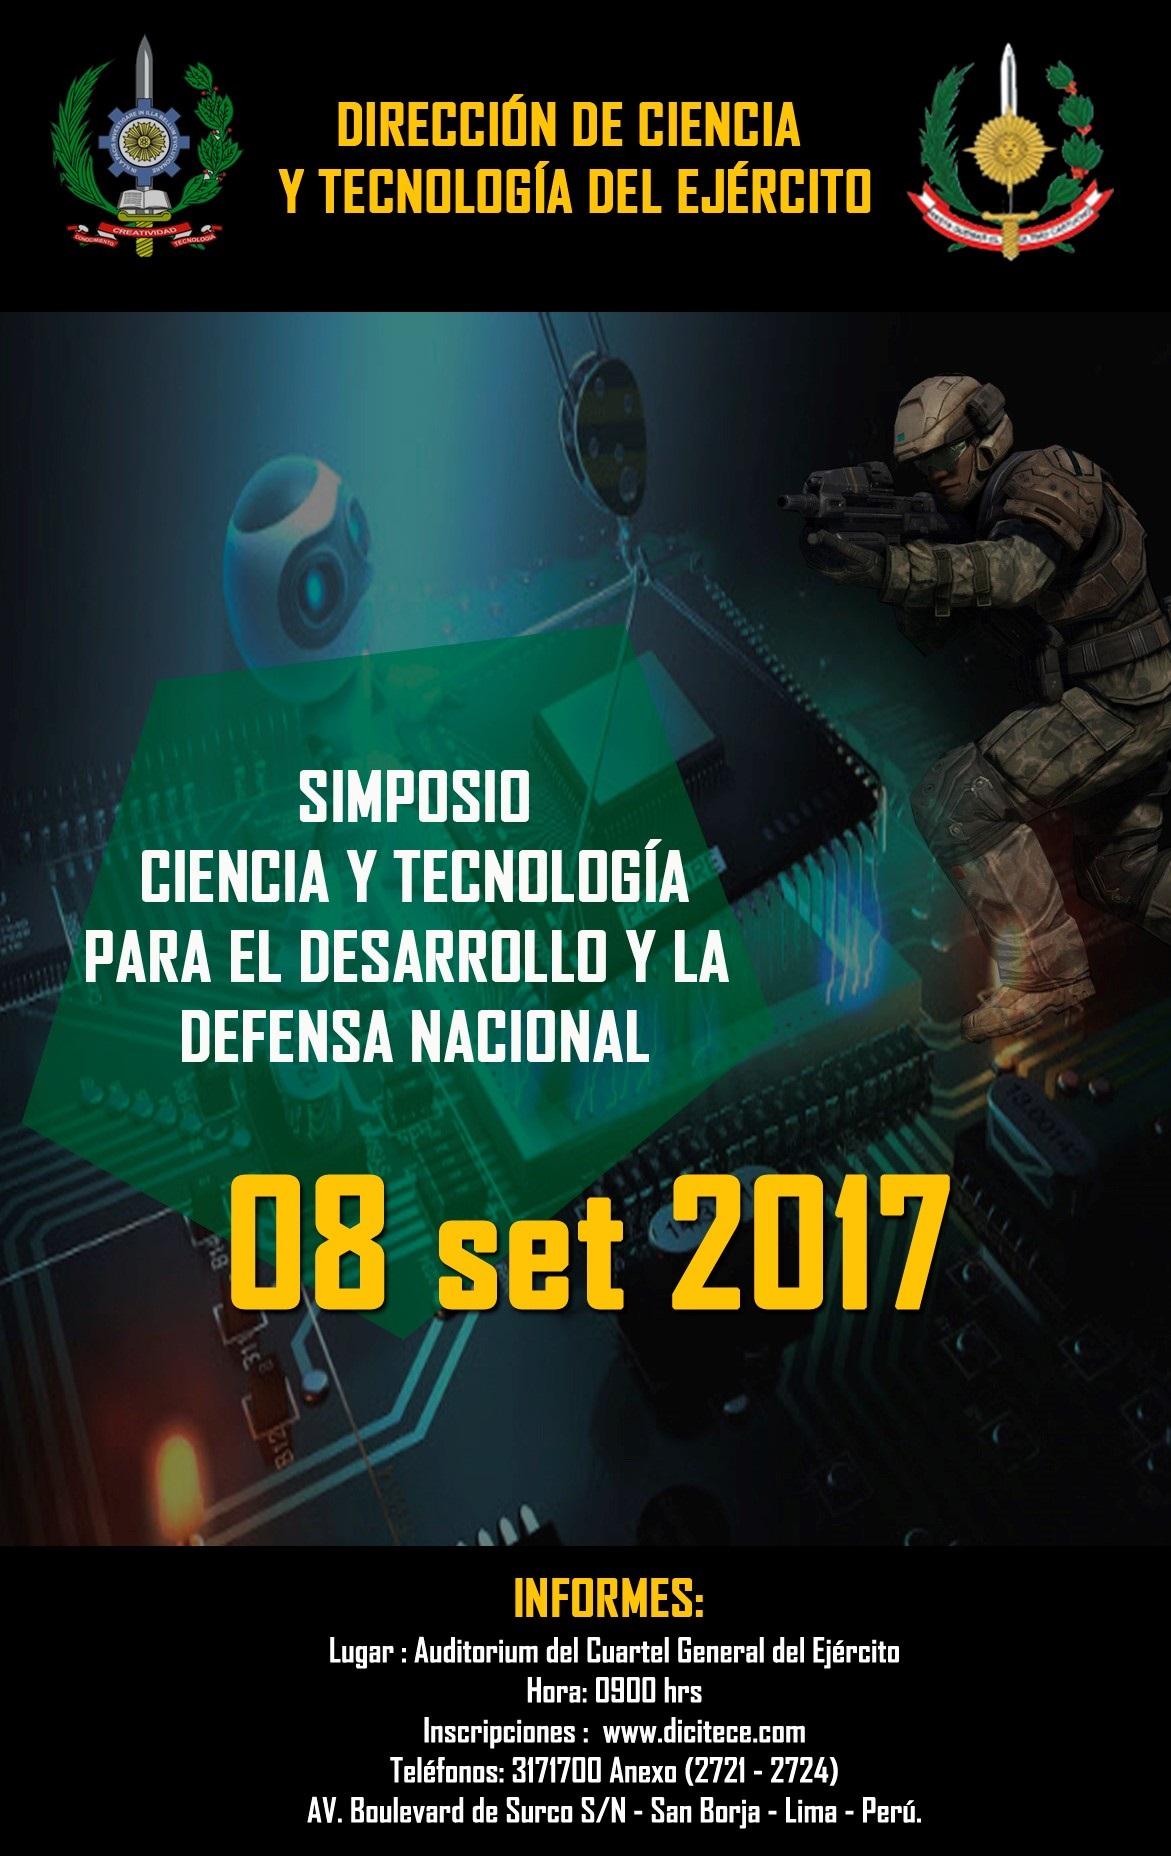 DICITECE 2017 – Feria de Ciencia y Tecnología del Ejército del Perú